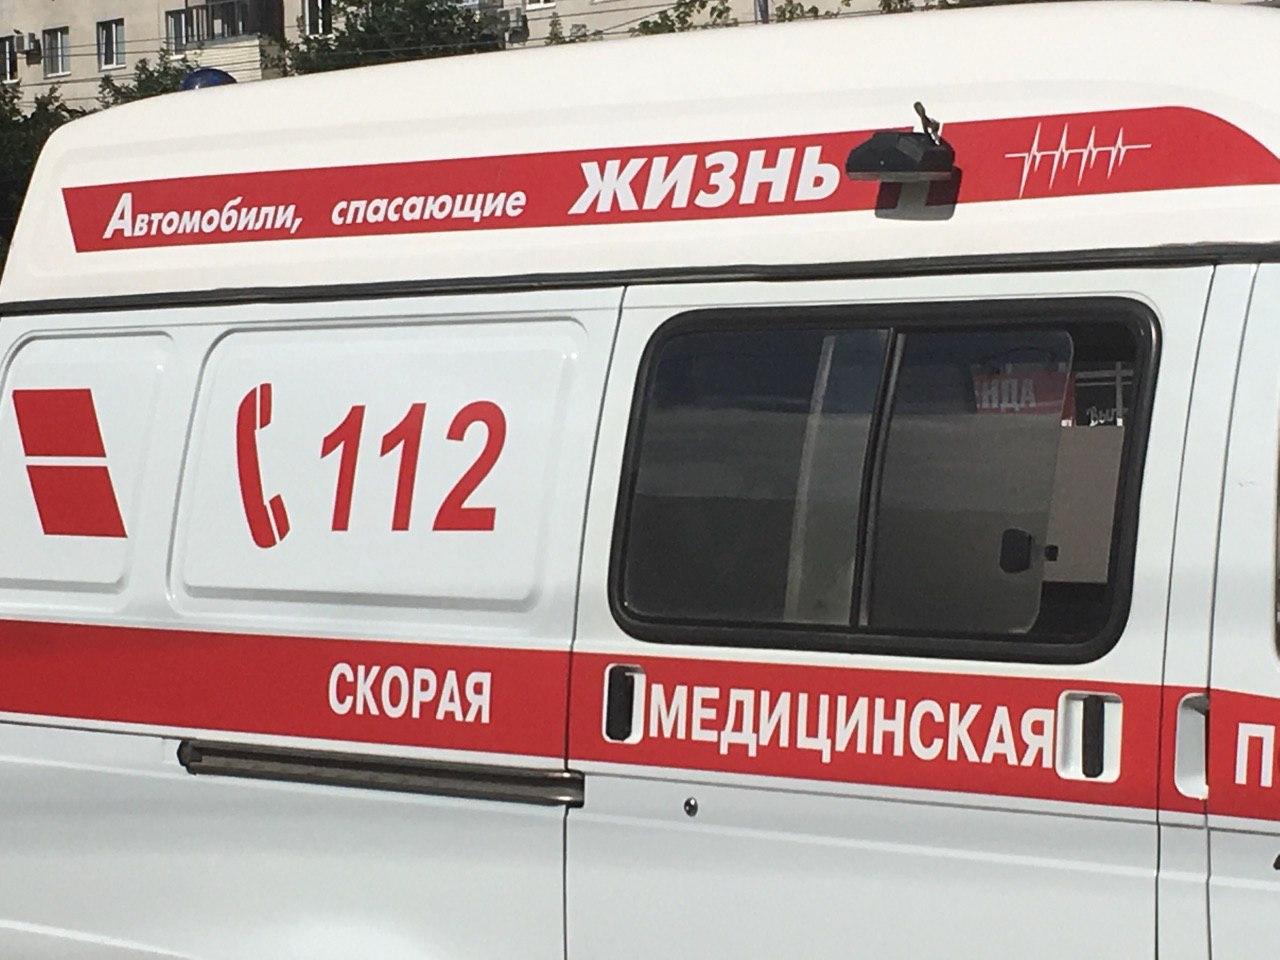 В Башкирии девочка получила перелом в батутном центре